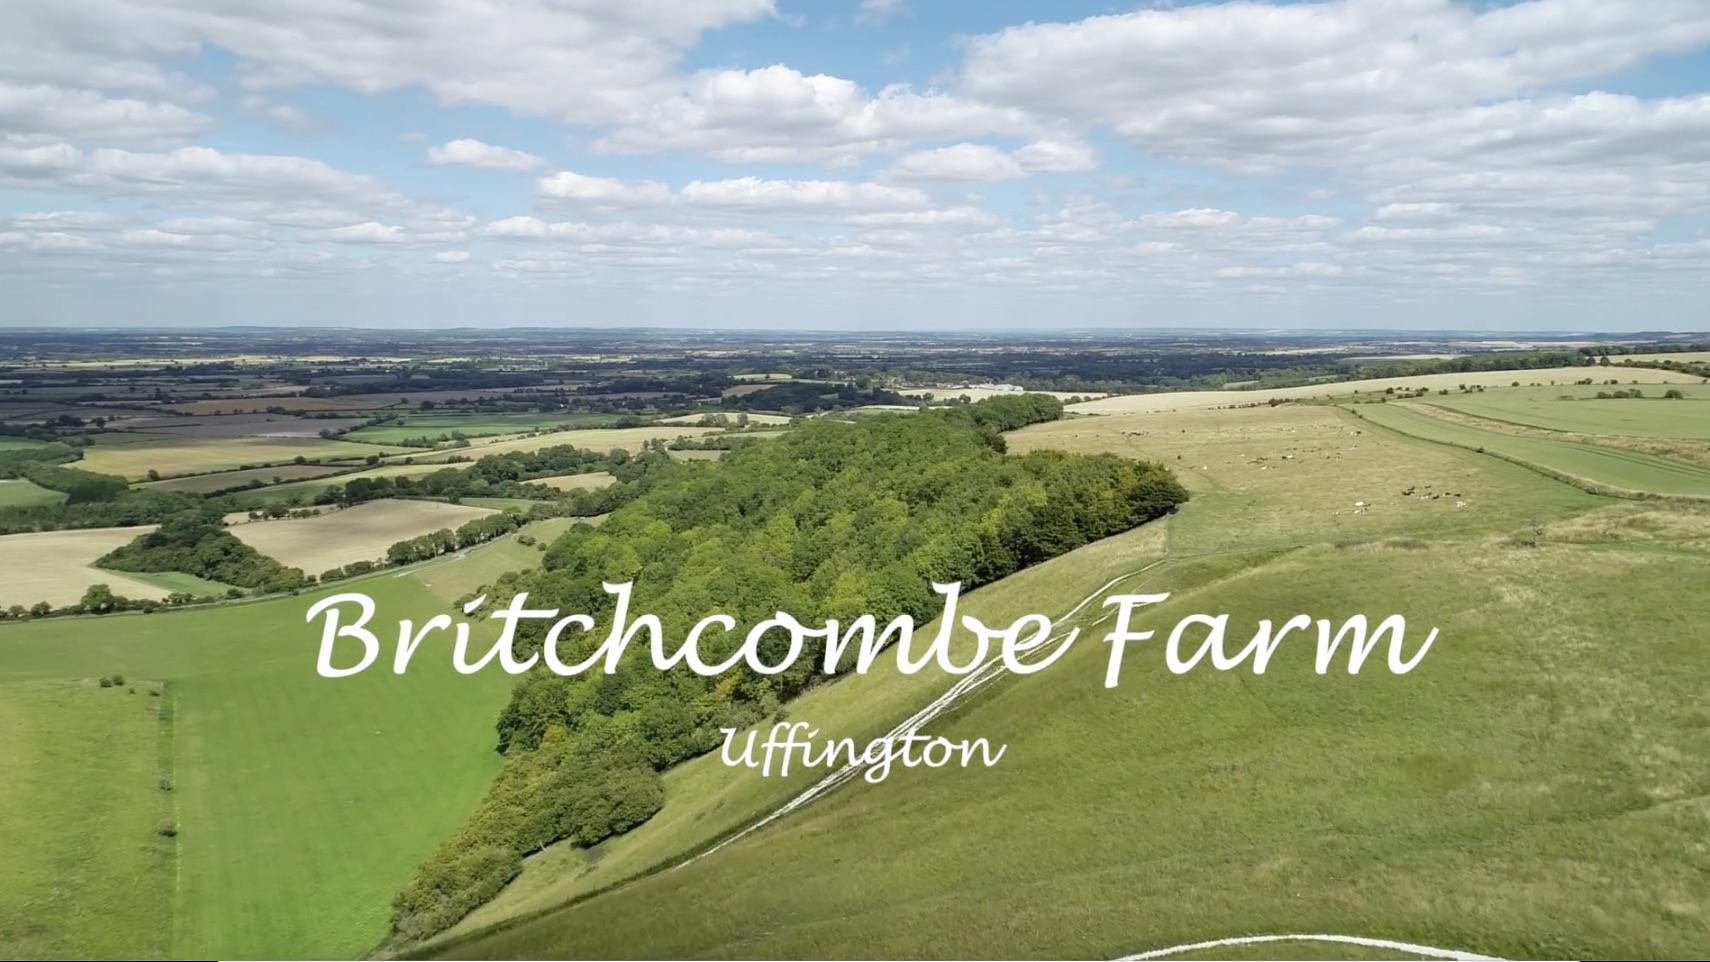 Britchcombe Farm